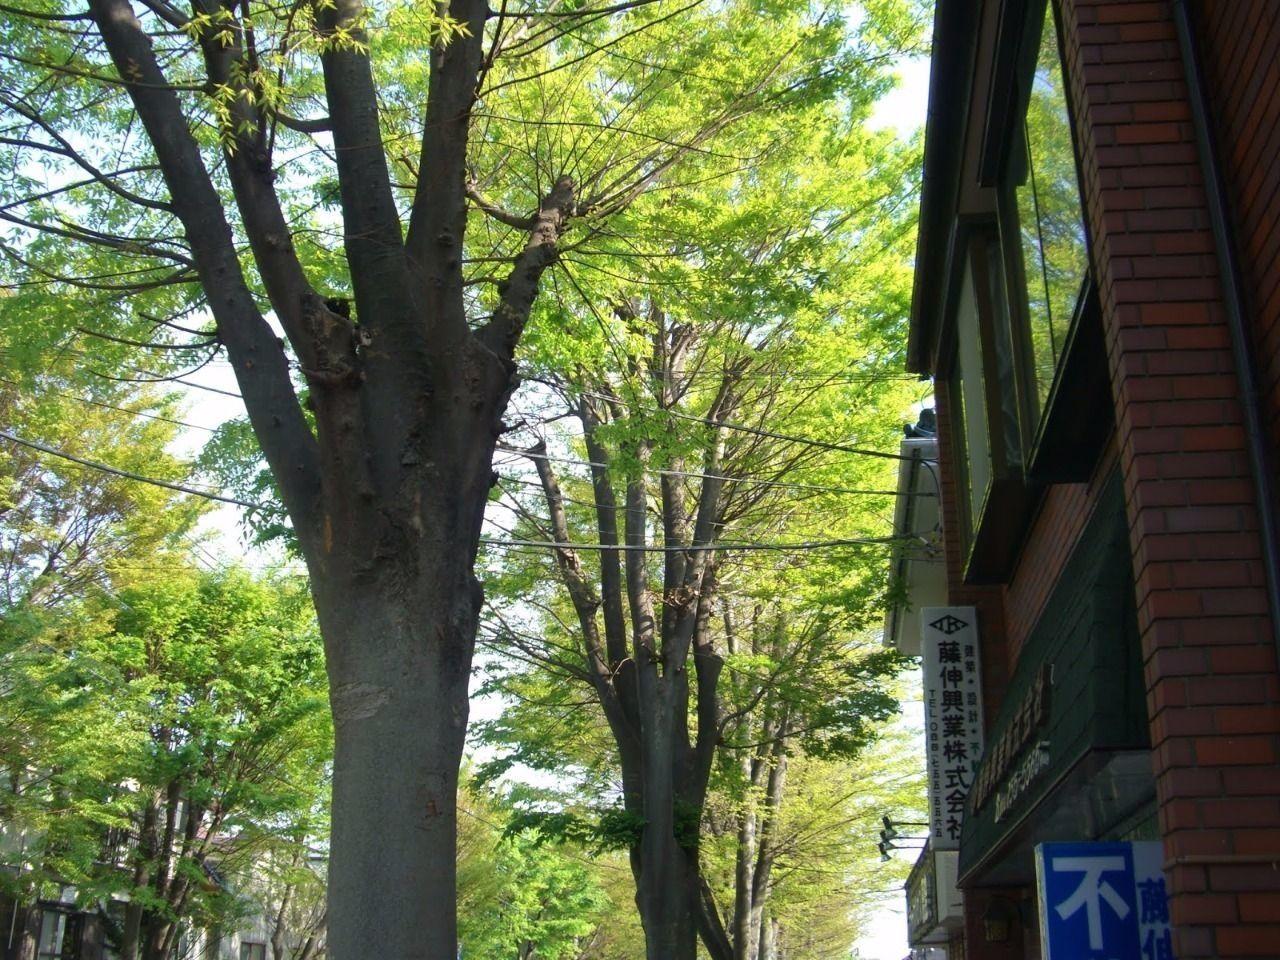 事務所前のけやき並木です。季節によって桜や紅葉などが見られます。緑に包まれ、心の通った生活のまち「ガーデン区」の名の通り緑の多い街です。